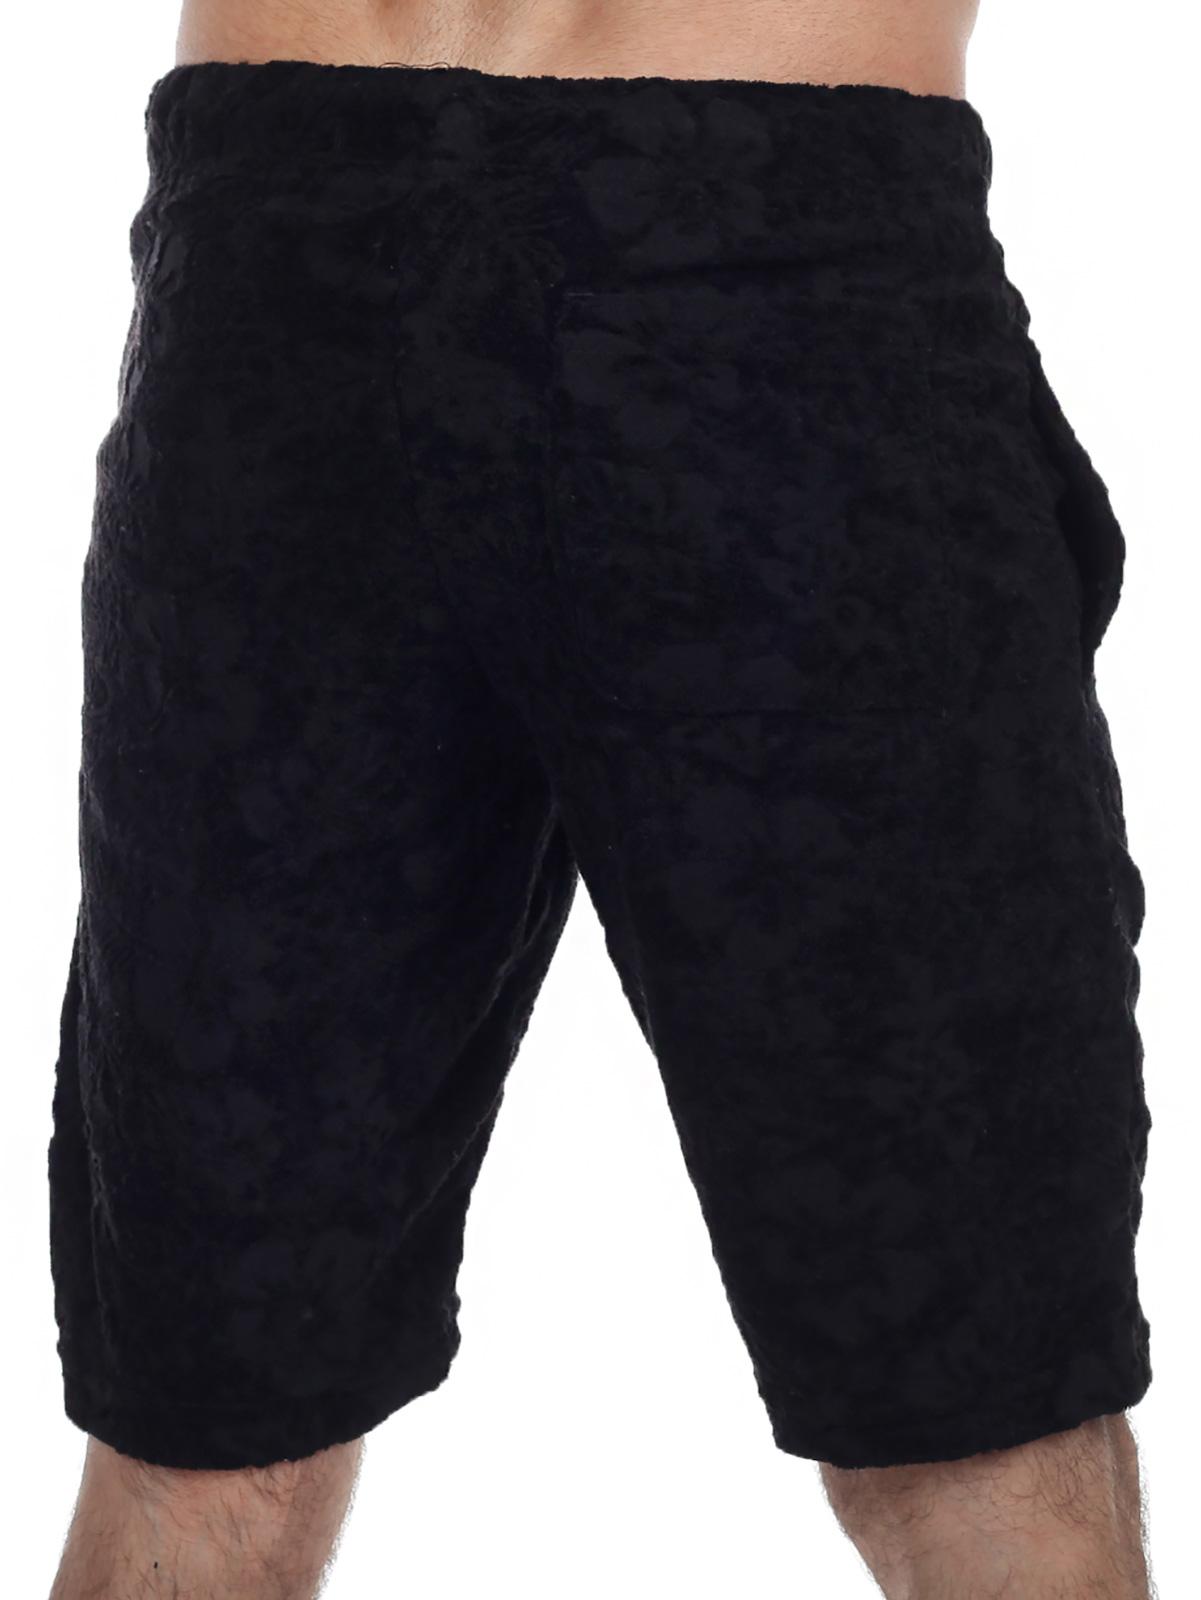 Купить в интернет магазине натуральные мужские шорты до колен